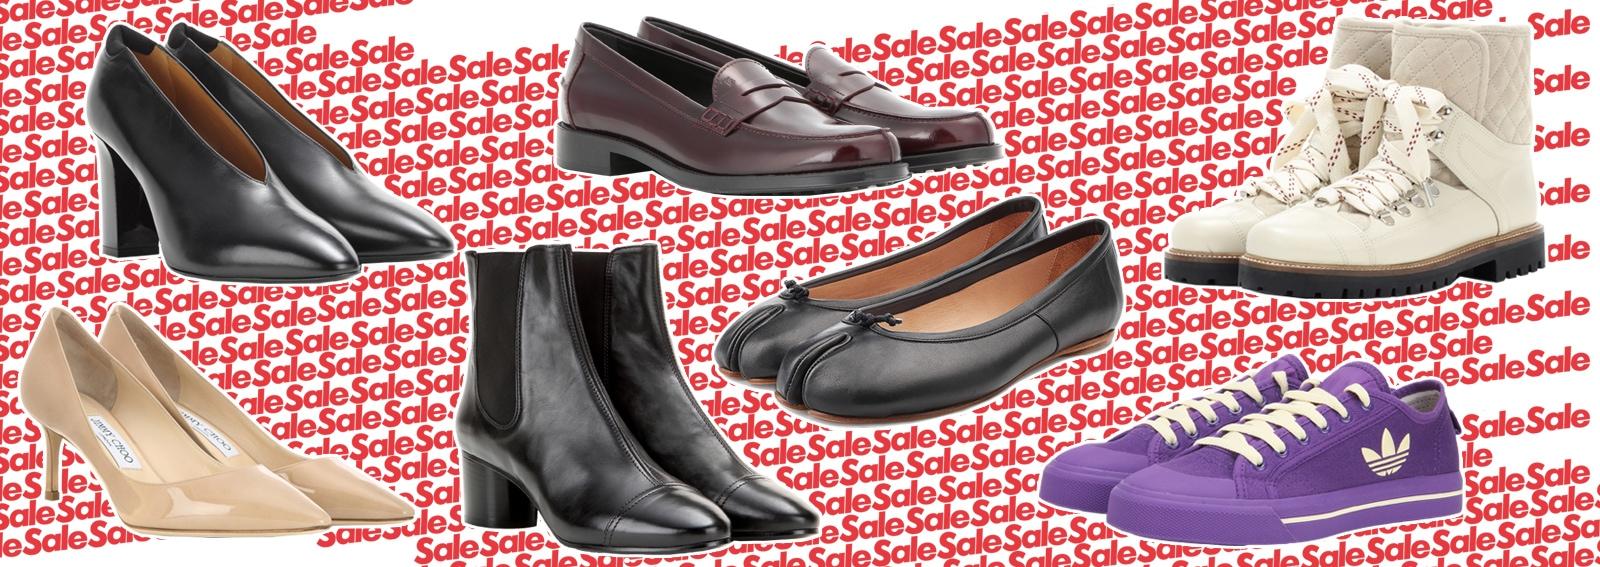 DESKTOP_saldi_scarpe